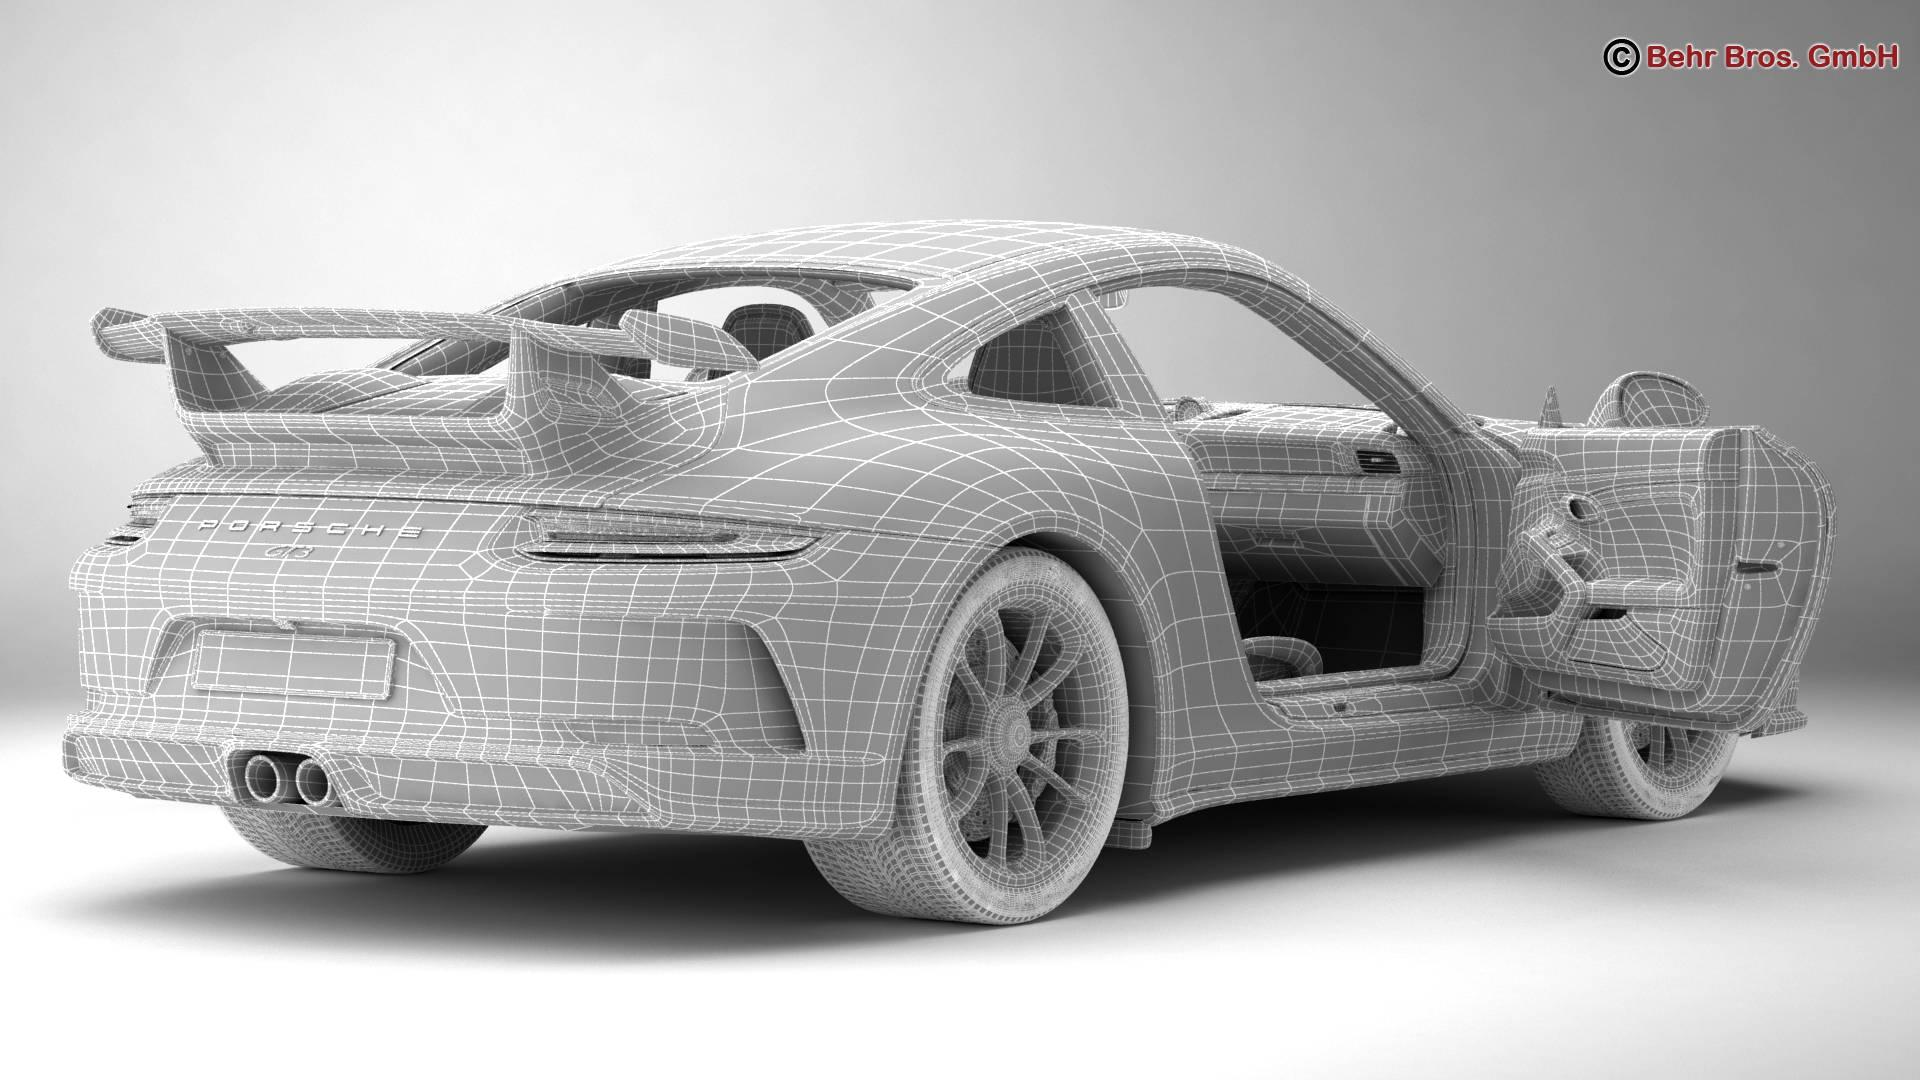 porsche 911 gt3 2018 3d model 3ds max fbx c4d lwo ma mb obj 265911